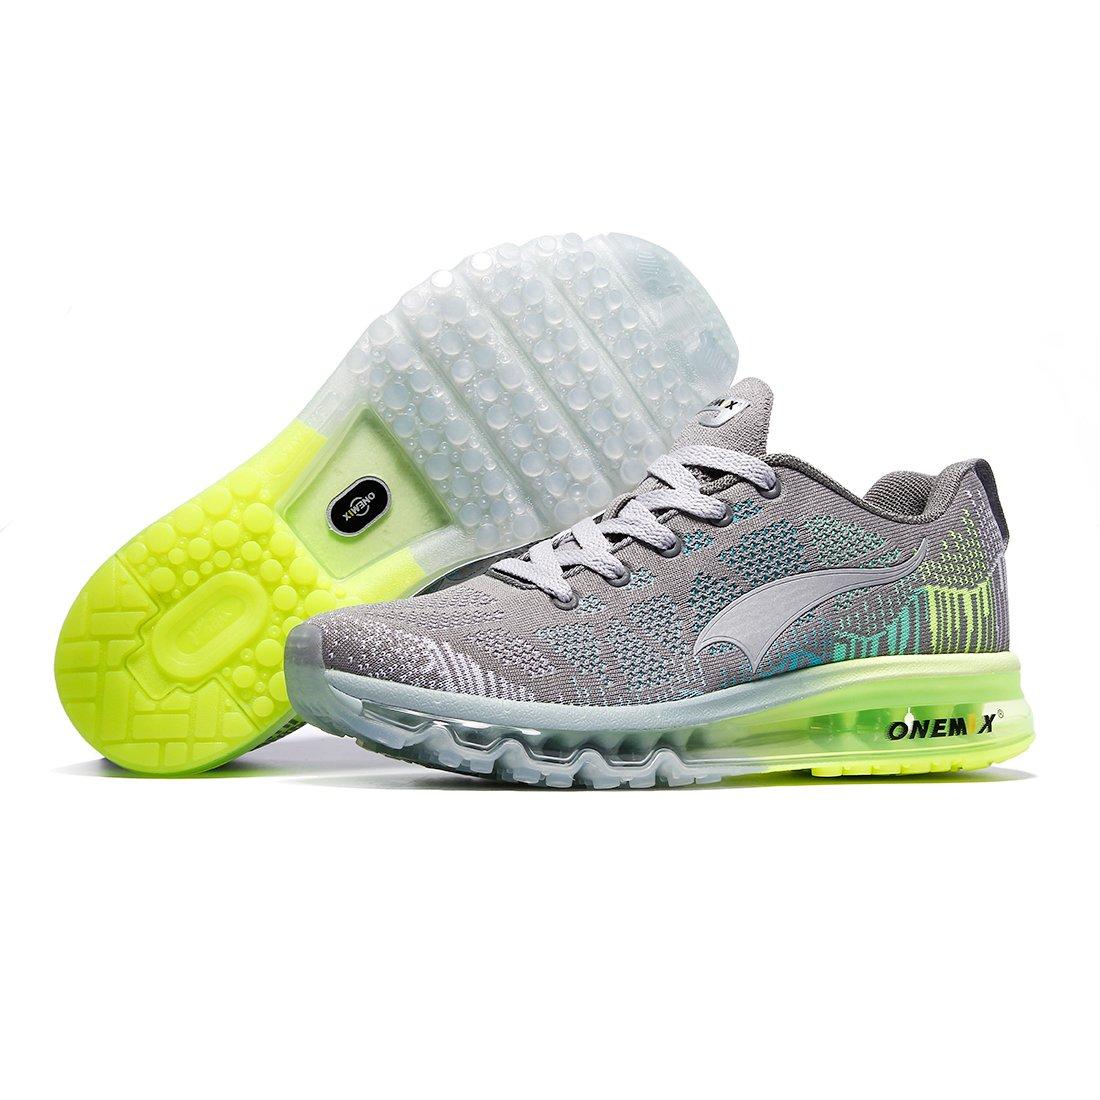 official photos 60857 93ccf ONEMIX Chaussures de Course pour Homme - 3D Knit Coussin d air Athletic  Sports Running Sneaker  Amazon.fr  Chaussures et Sacs